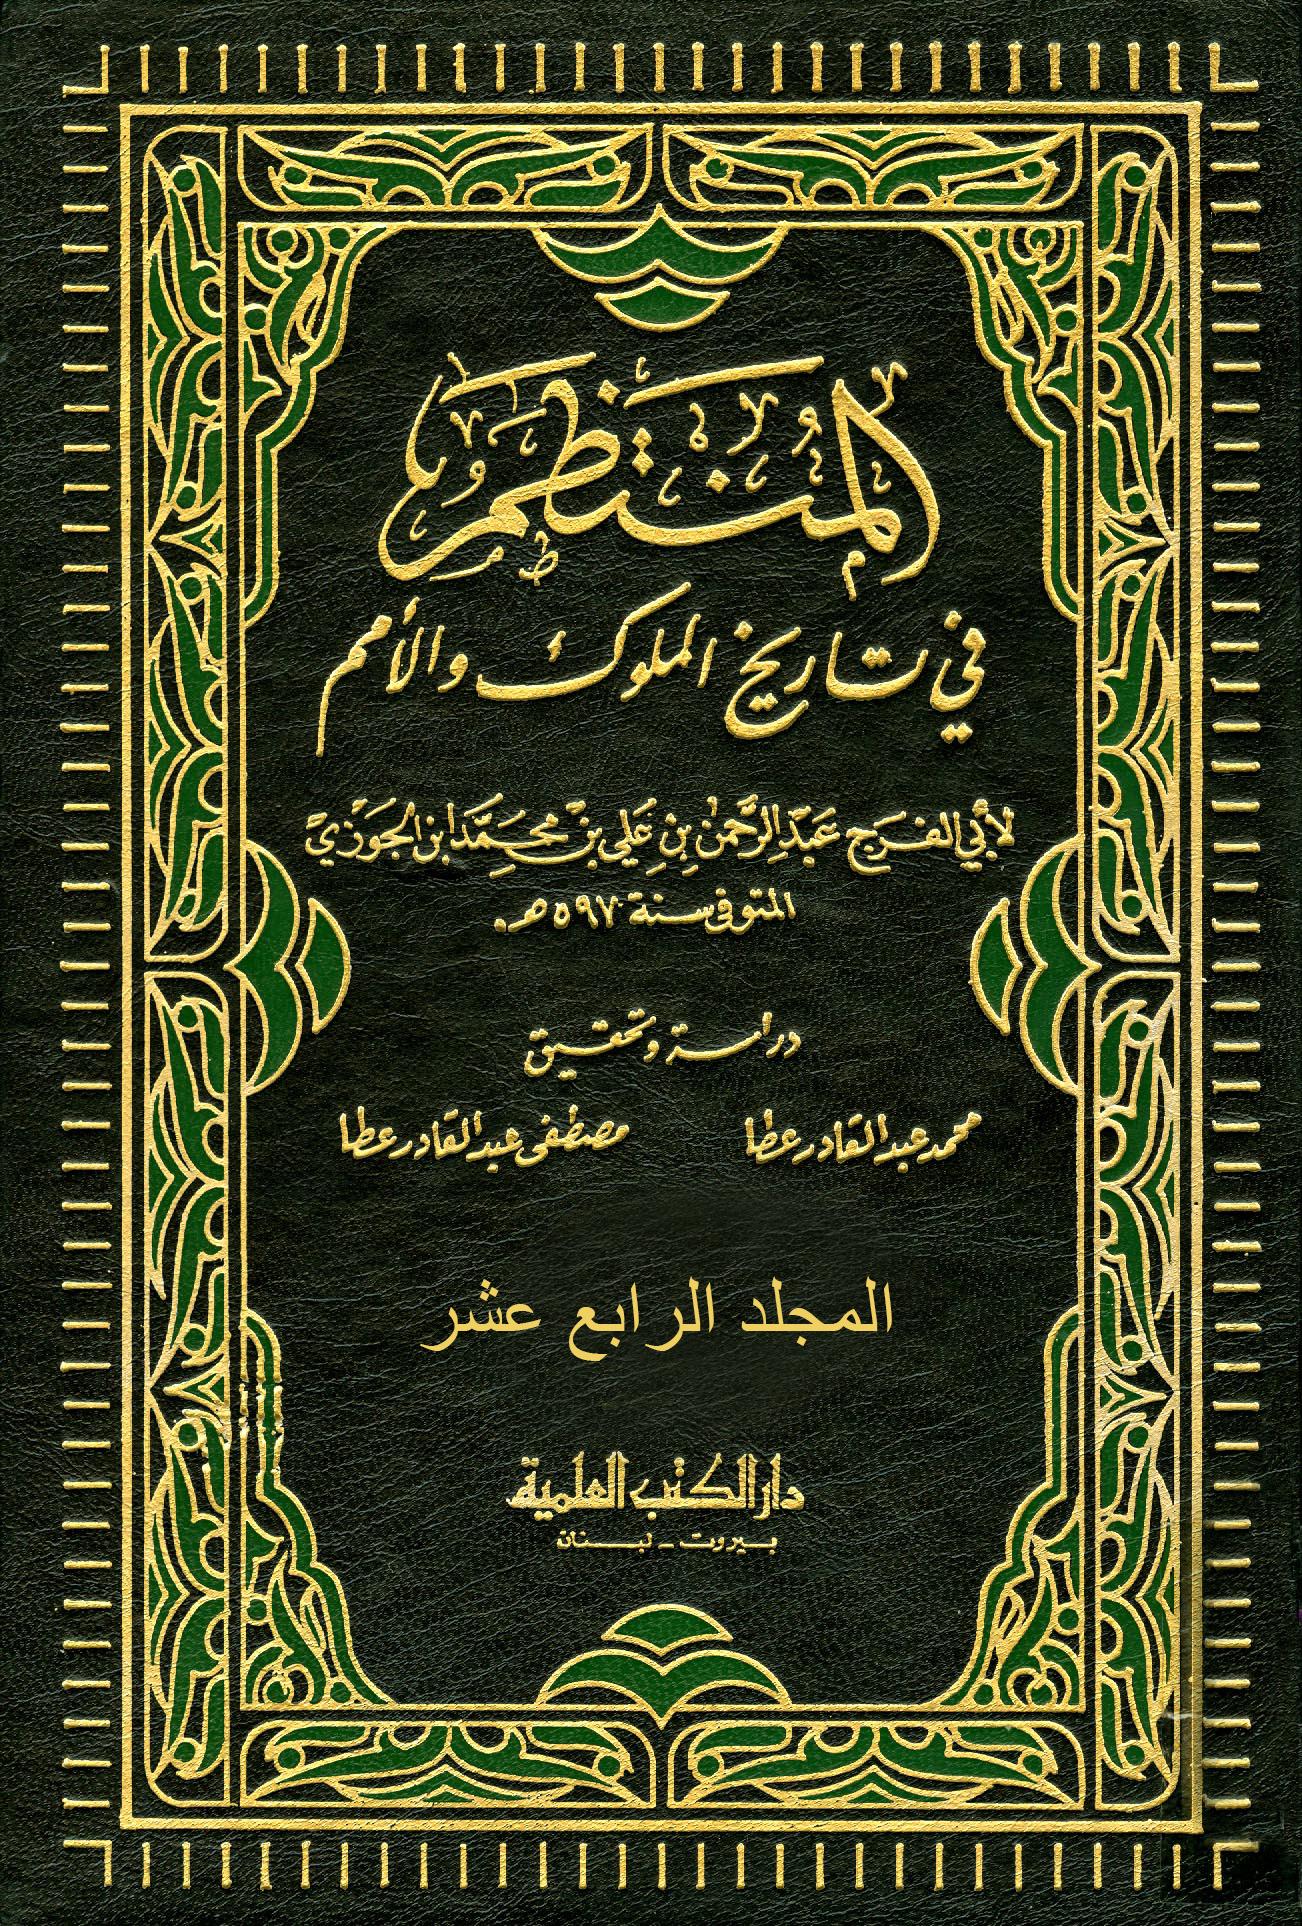 المنتظم في تاريخ الملوك والأمم - م 14 (تابع 329 هـ - 387 هـ)